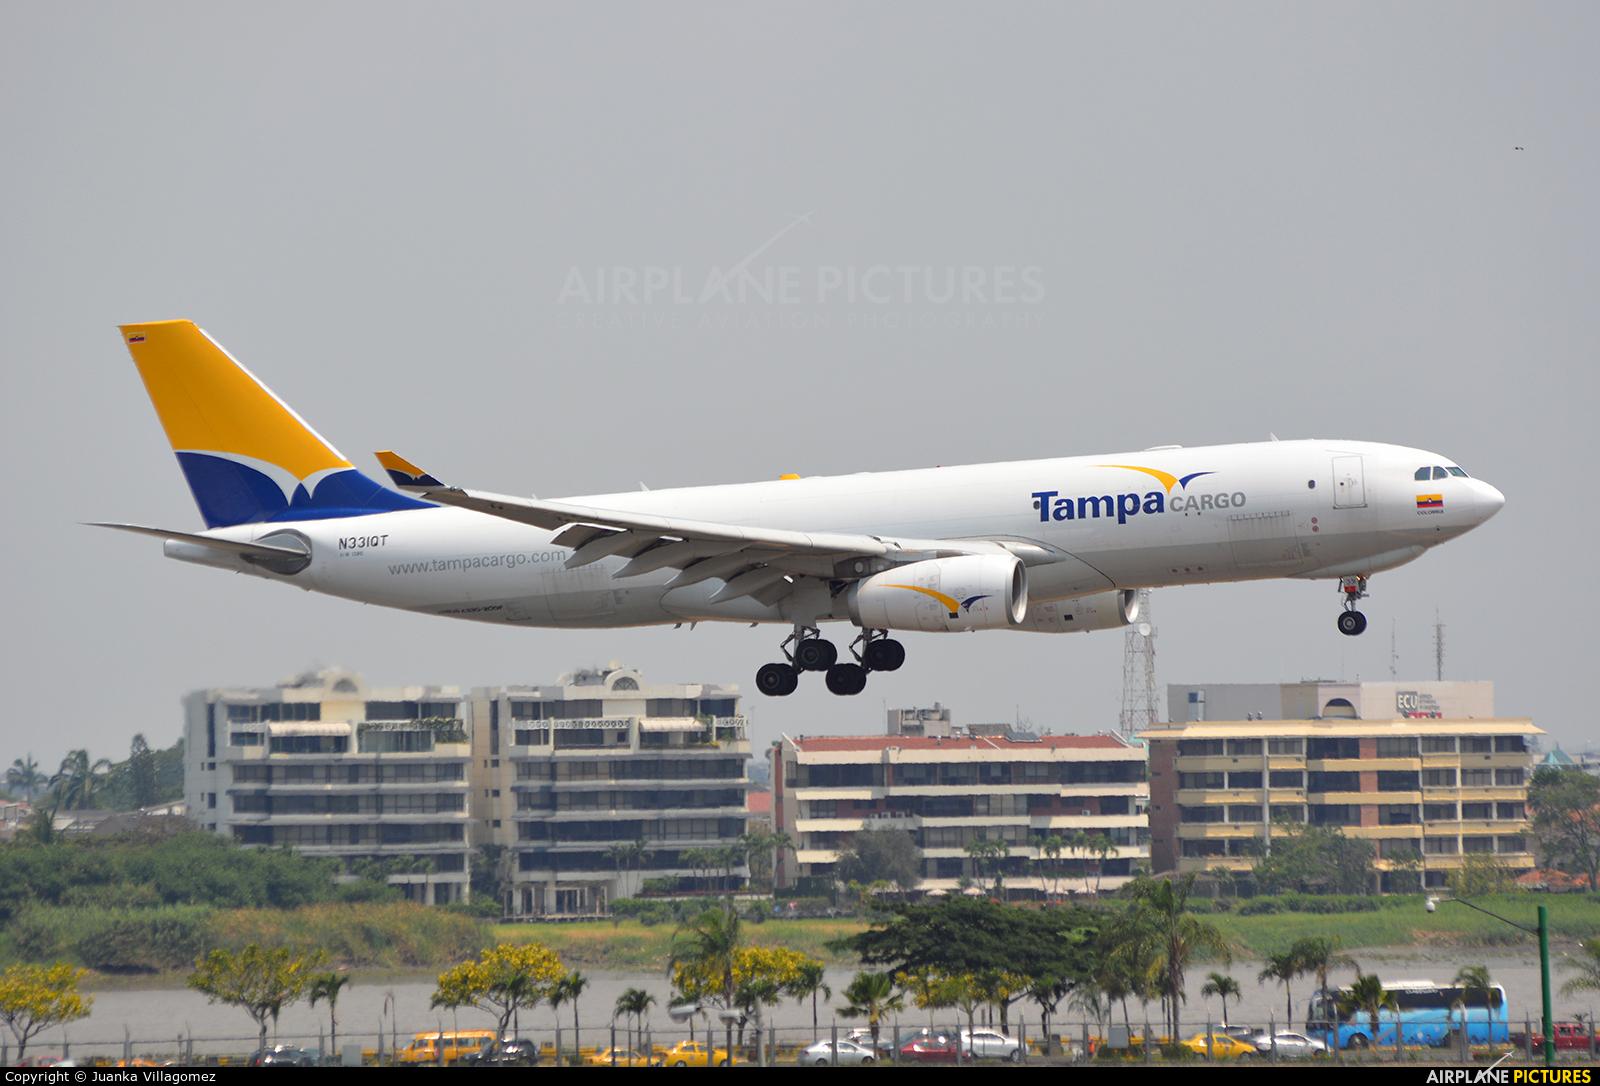 Tampa Cargo N331QT aircraft at Guayaquil - José Joaquín de Olmedo